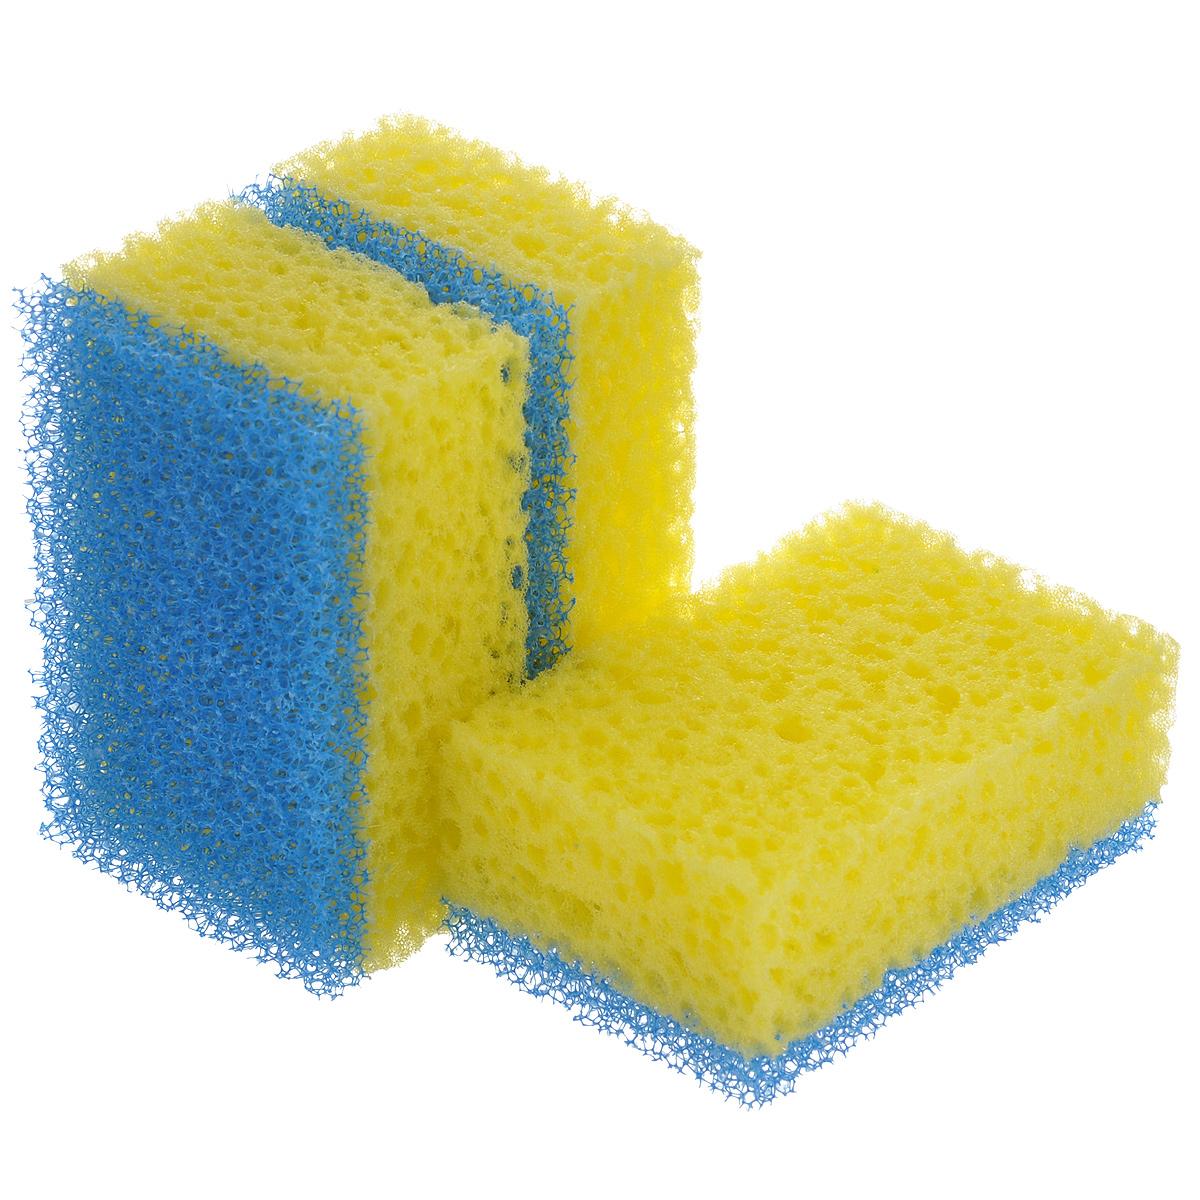 Губки для посуды La Chista Люкс, цвет: желтый, синий, 3 шт531-105Губки для посуды La Chista Люкс идеально справляются с любыми загрязнениями даже без моющего средства. Выполнены из мягкого поролона и абразивного материала.Особенности: Изготовлены из экологически чистого сырья.Не содержат фреонов и метилгидрохлорида.Высокая плотность поролона экономит моющее средство.Особо прочные абразивные материалы.